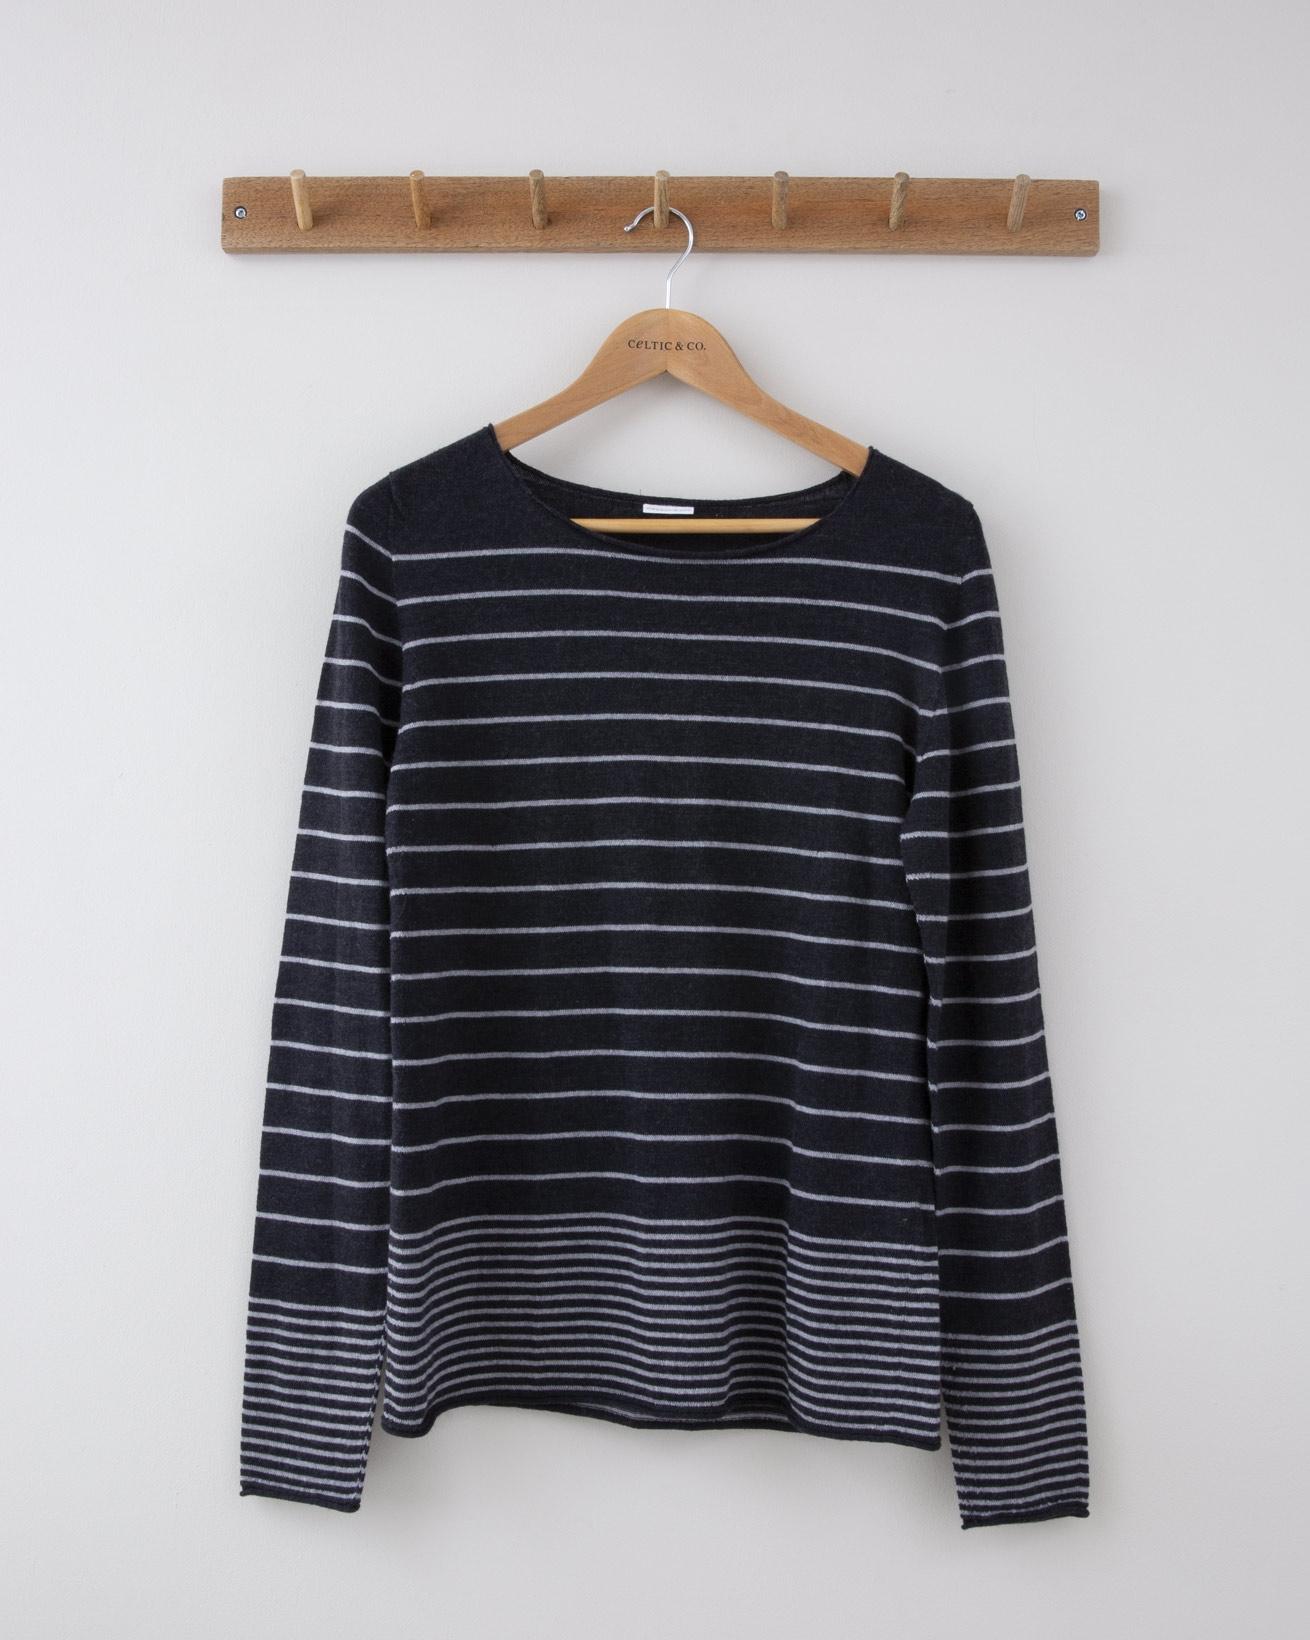 Fine Knit Merino Crew Neck - Small - Charcoal & Grey Gradient stripe - 1255